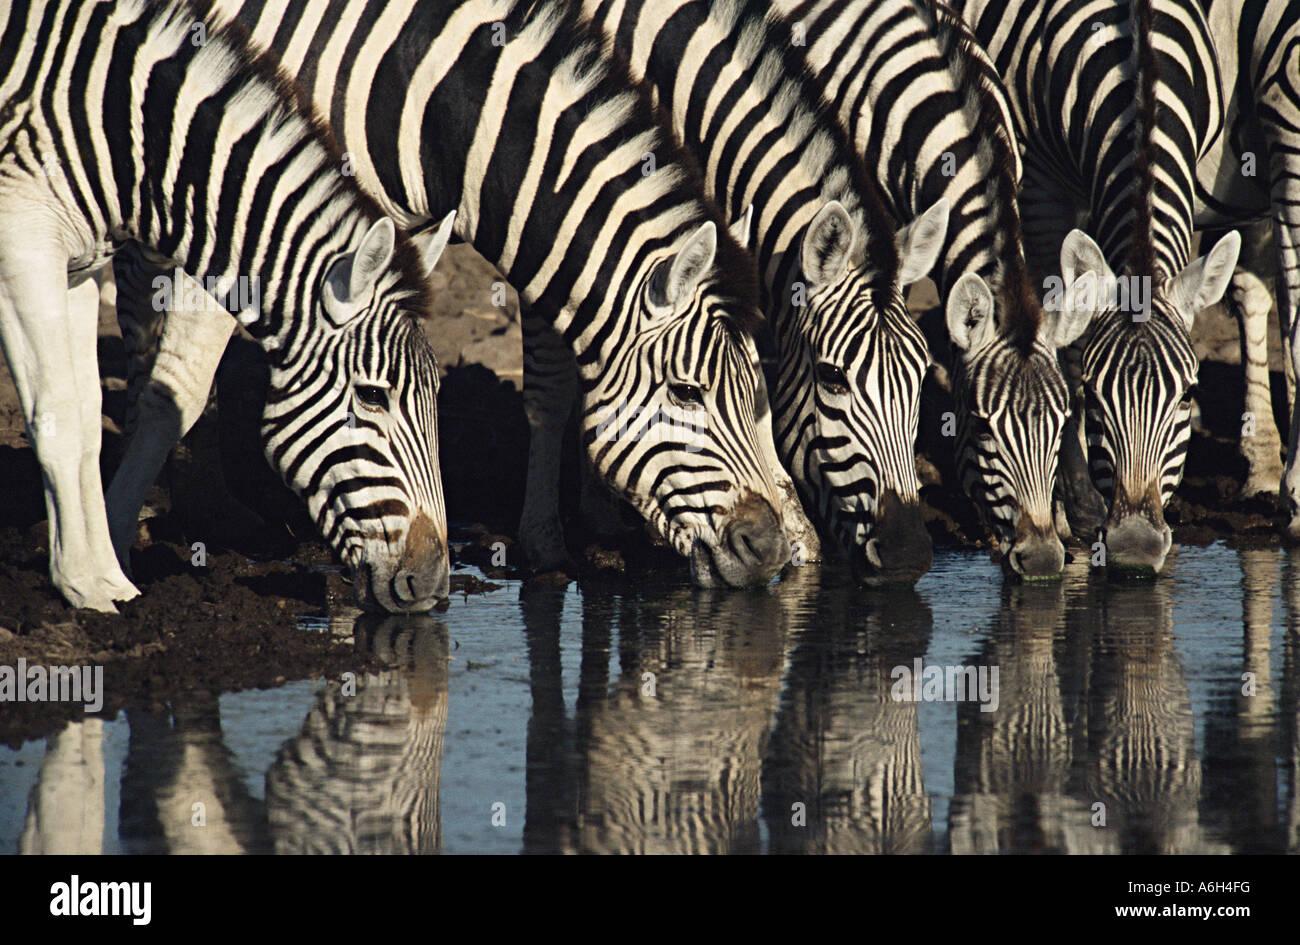 Zebra drinking from waterhole - Stock Image